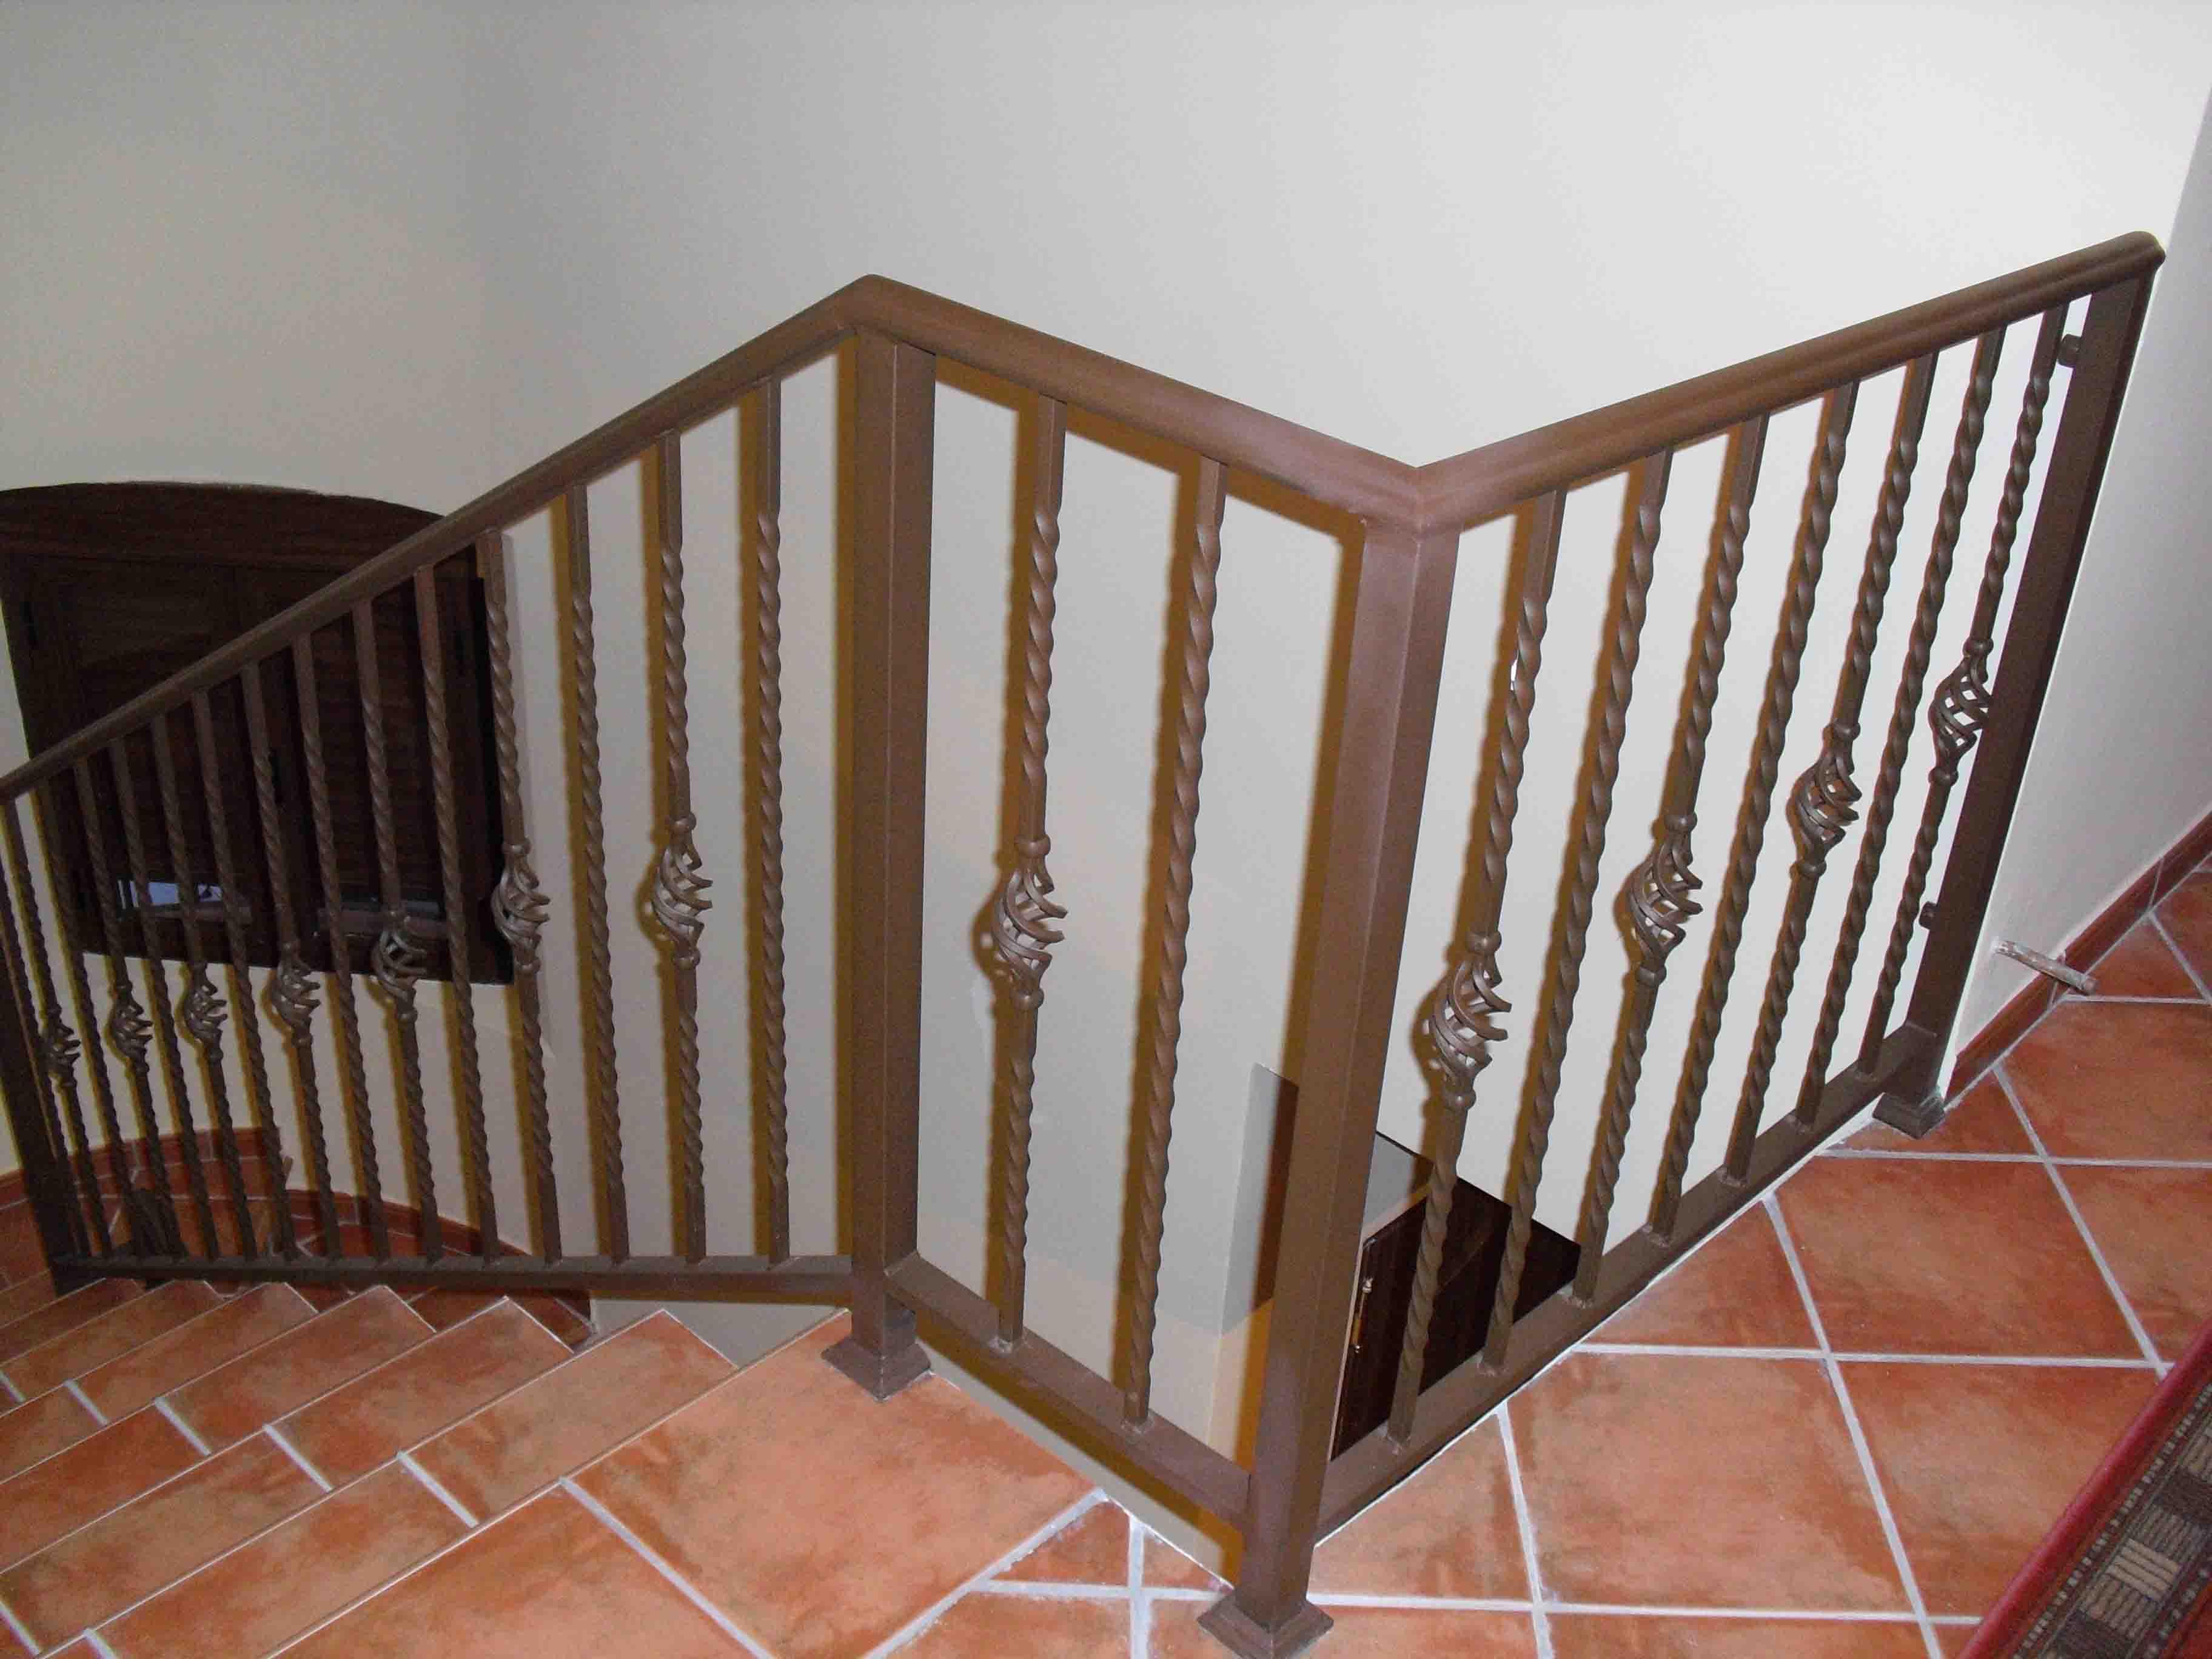 Barandilla de Barrote Rizado con elementos de decoración por Cerrajería Keymar